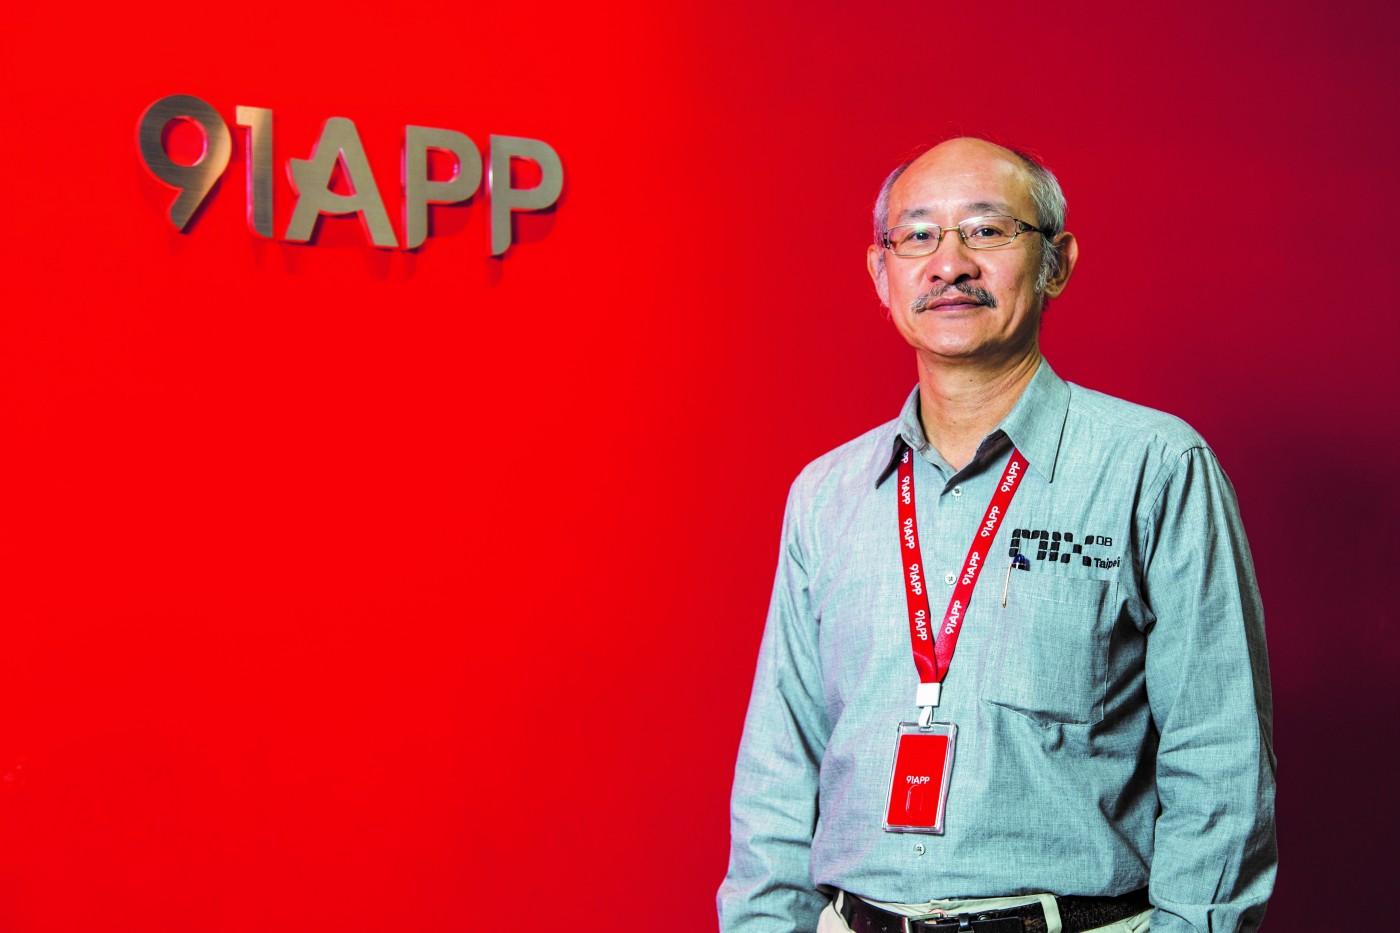 35年軟體開發資歷,91APP「敏捷教練」寫程式也寫人生